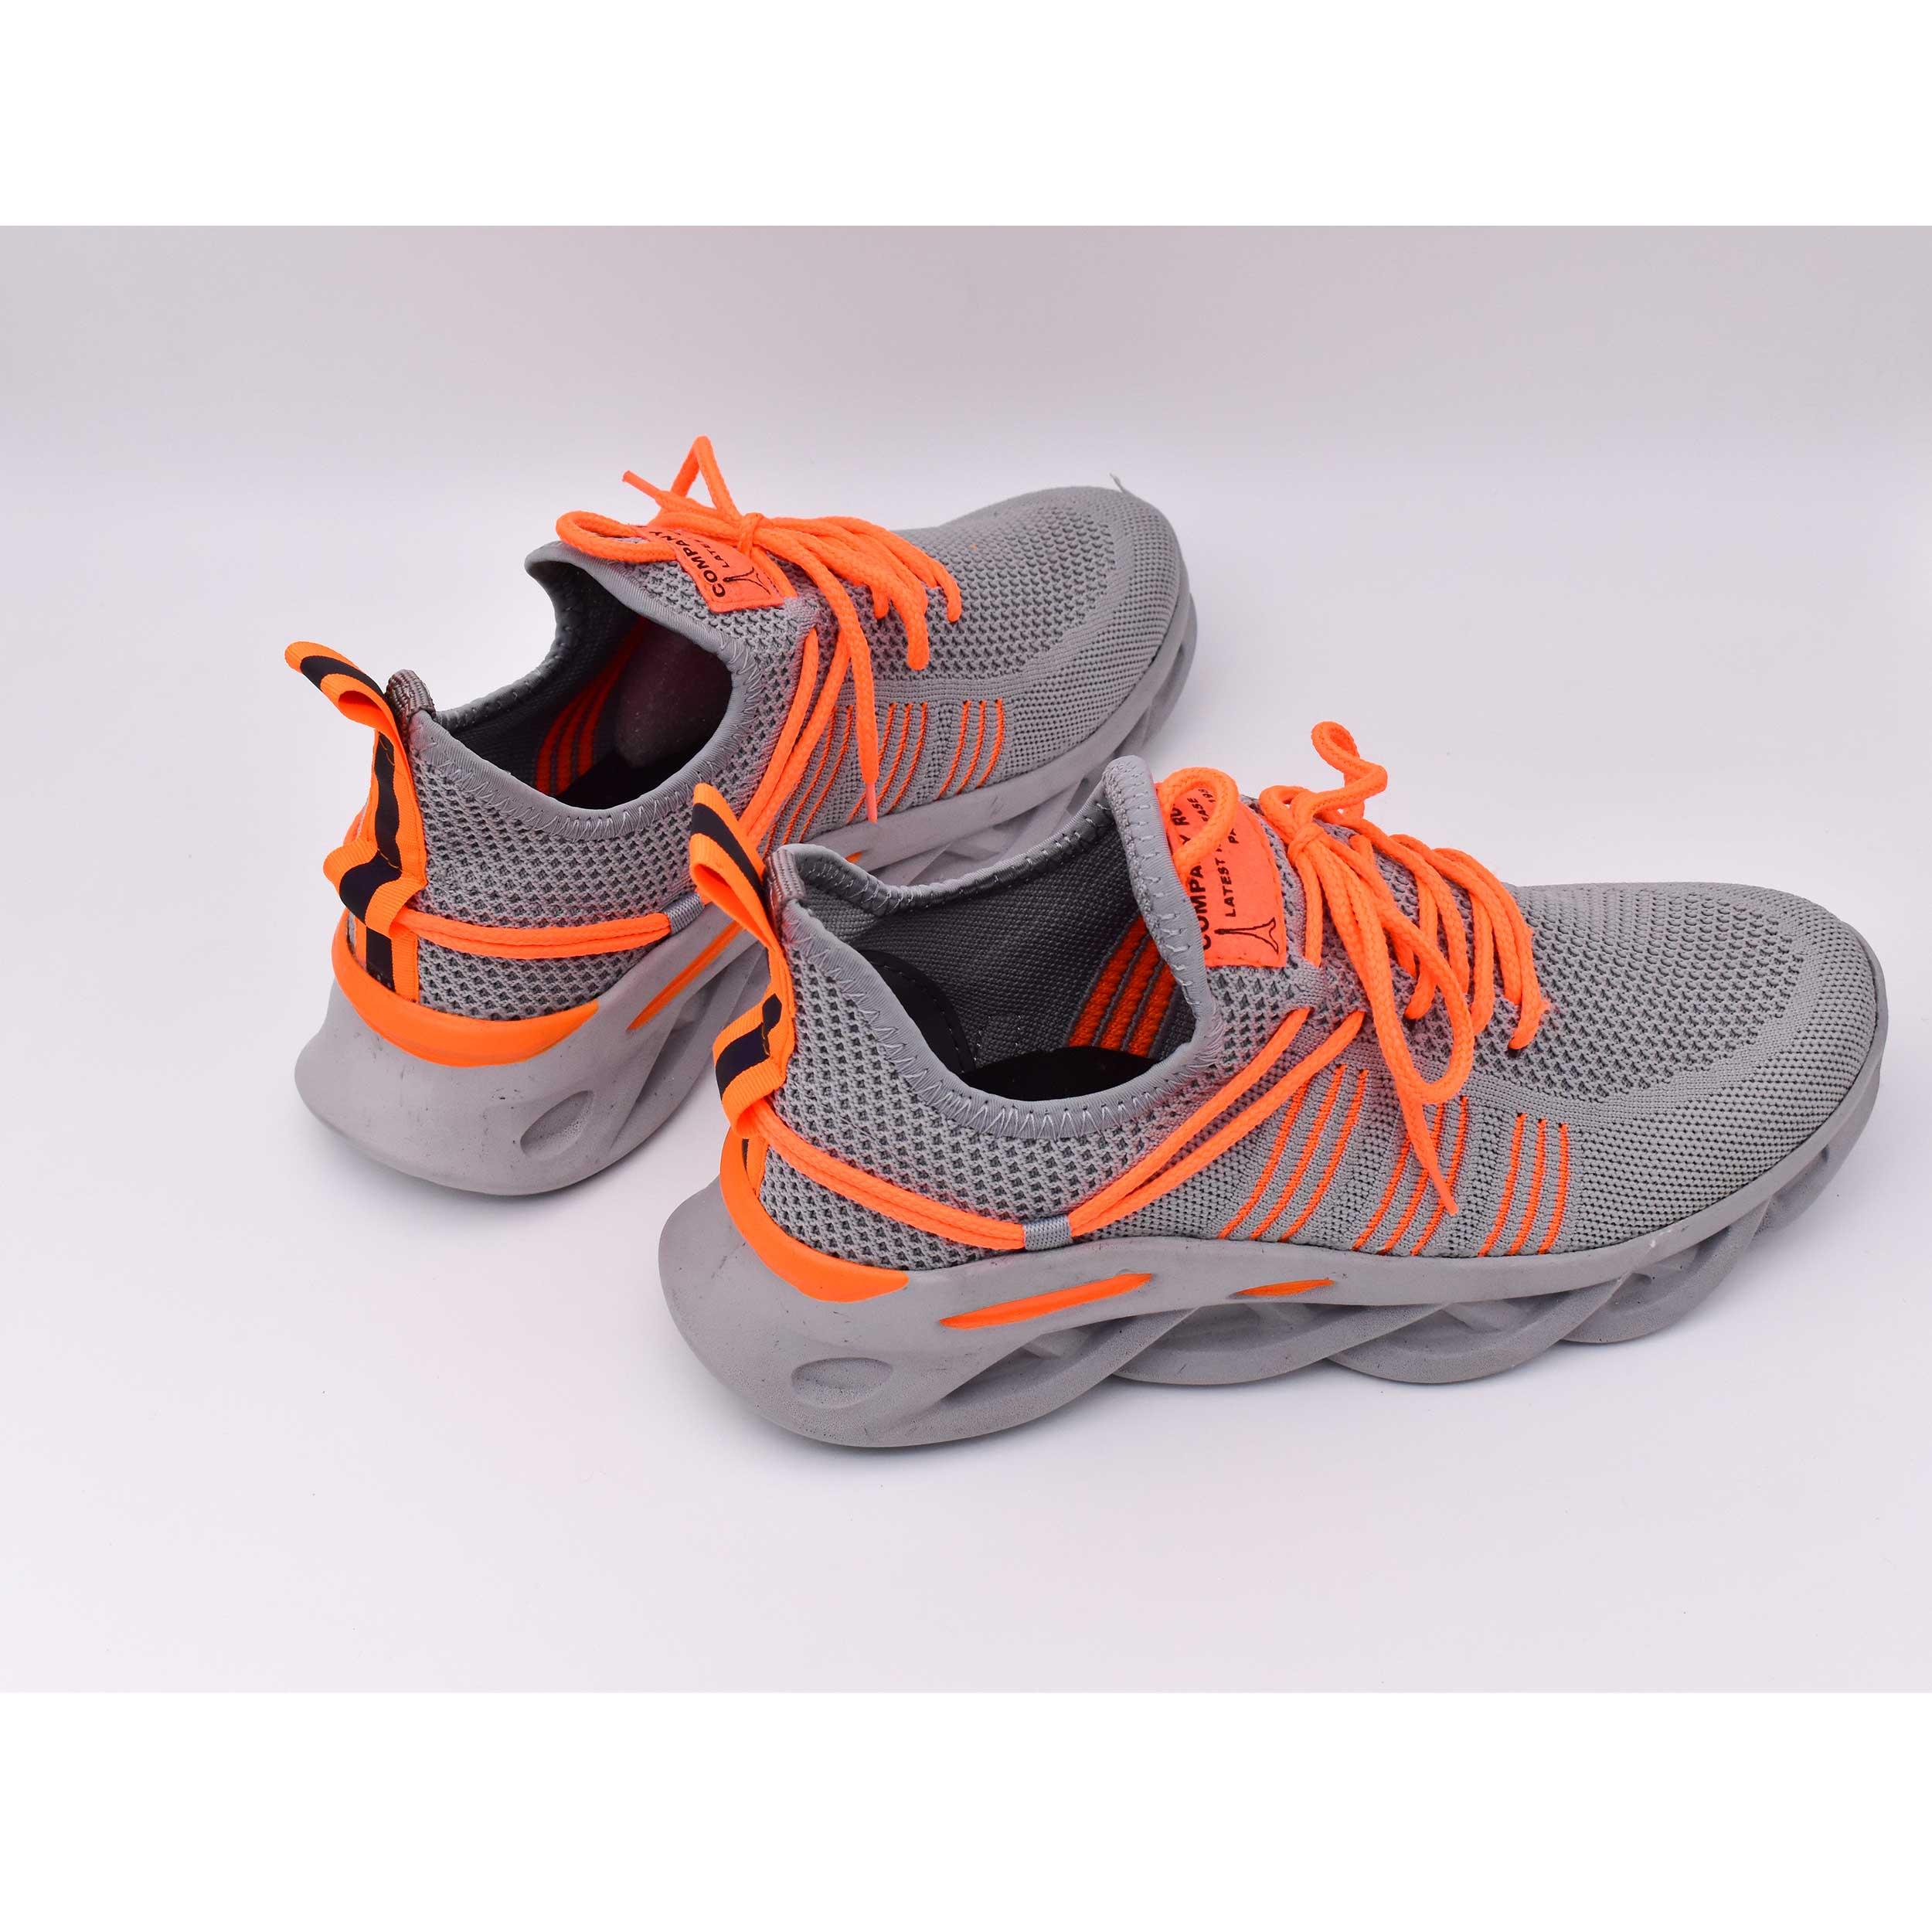 کفش دویدن مردانه مدل پارسا کد B1071-2 -  - 8